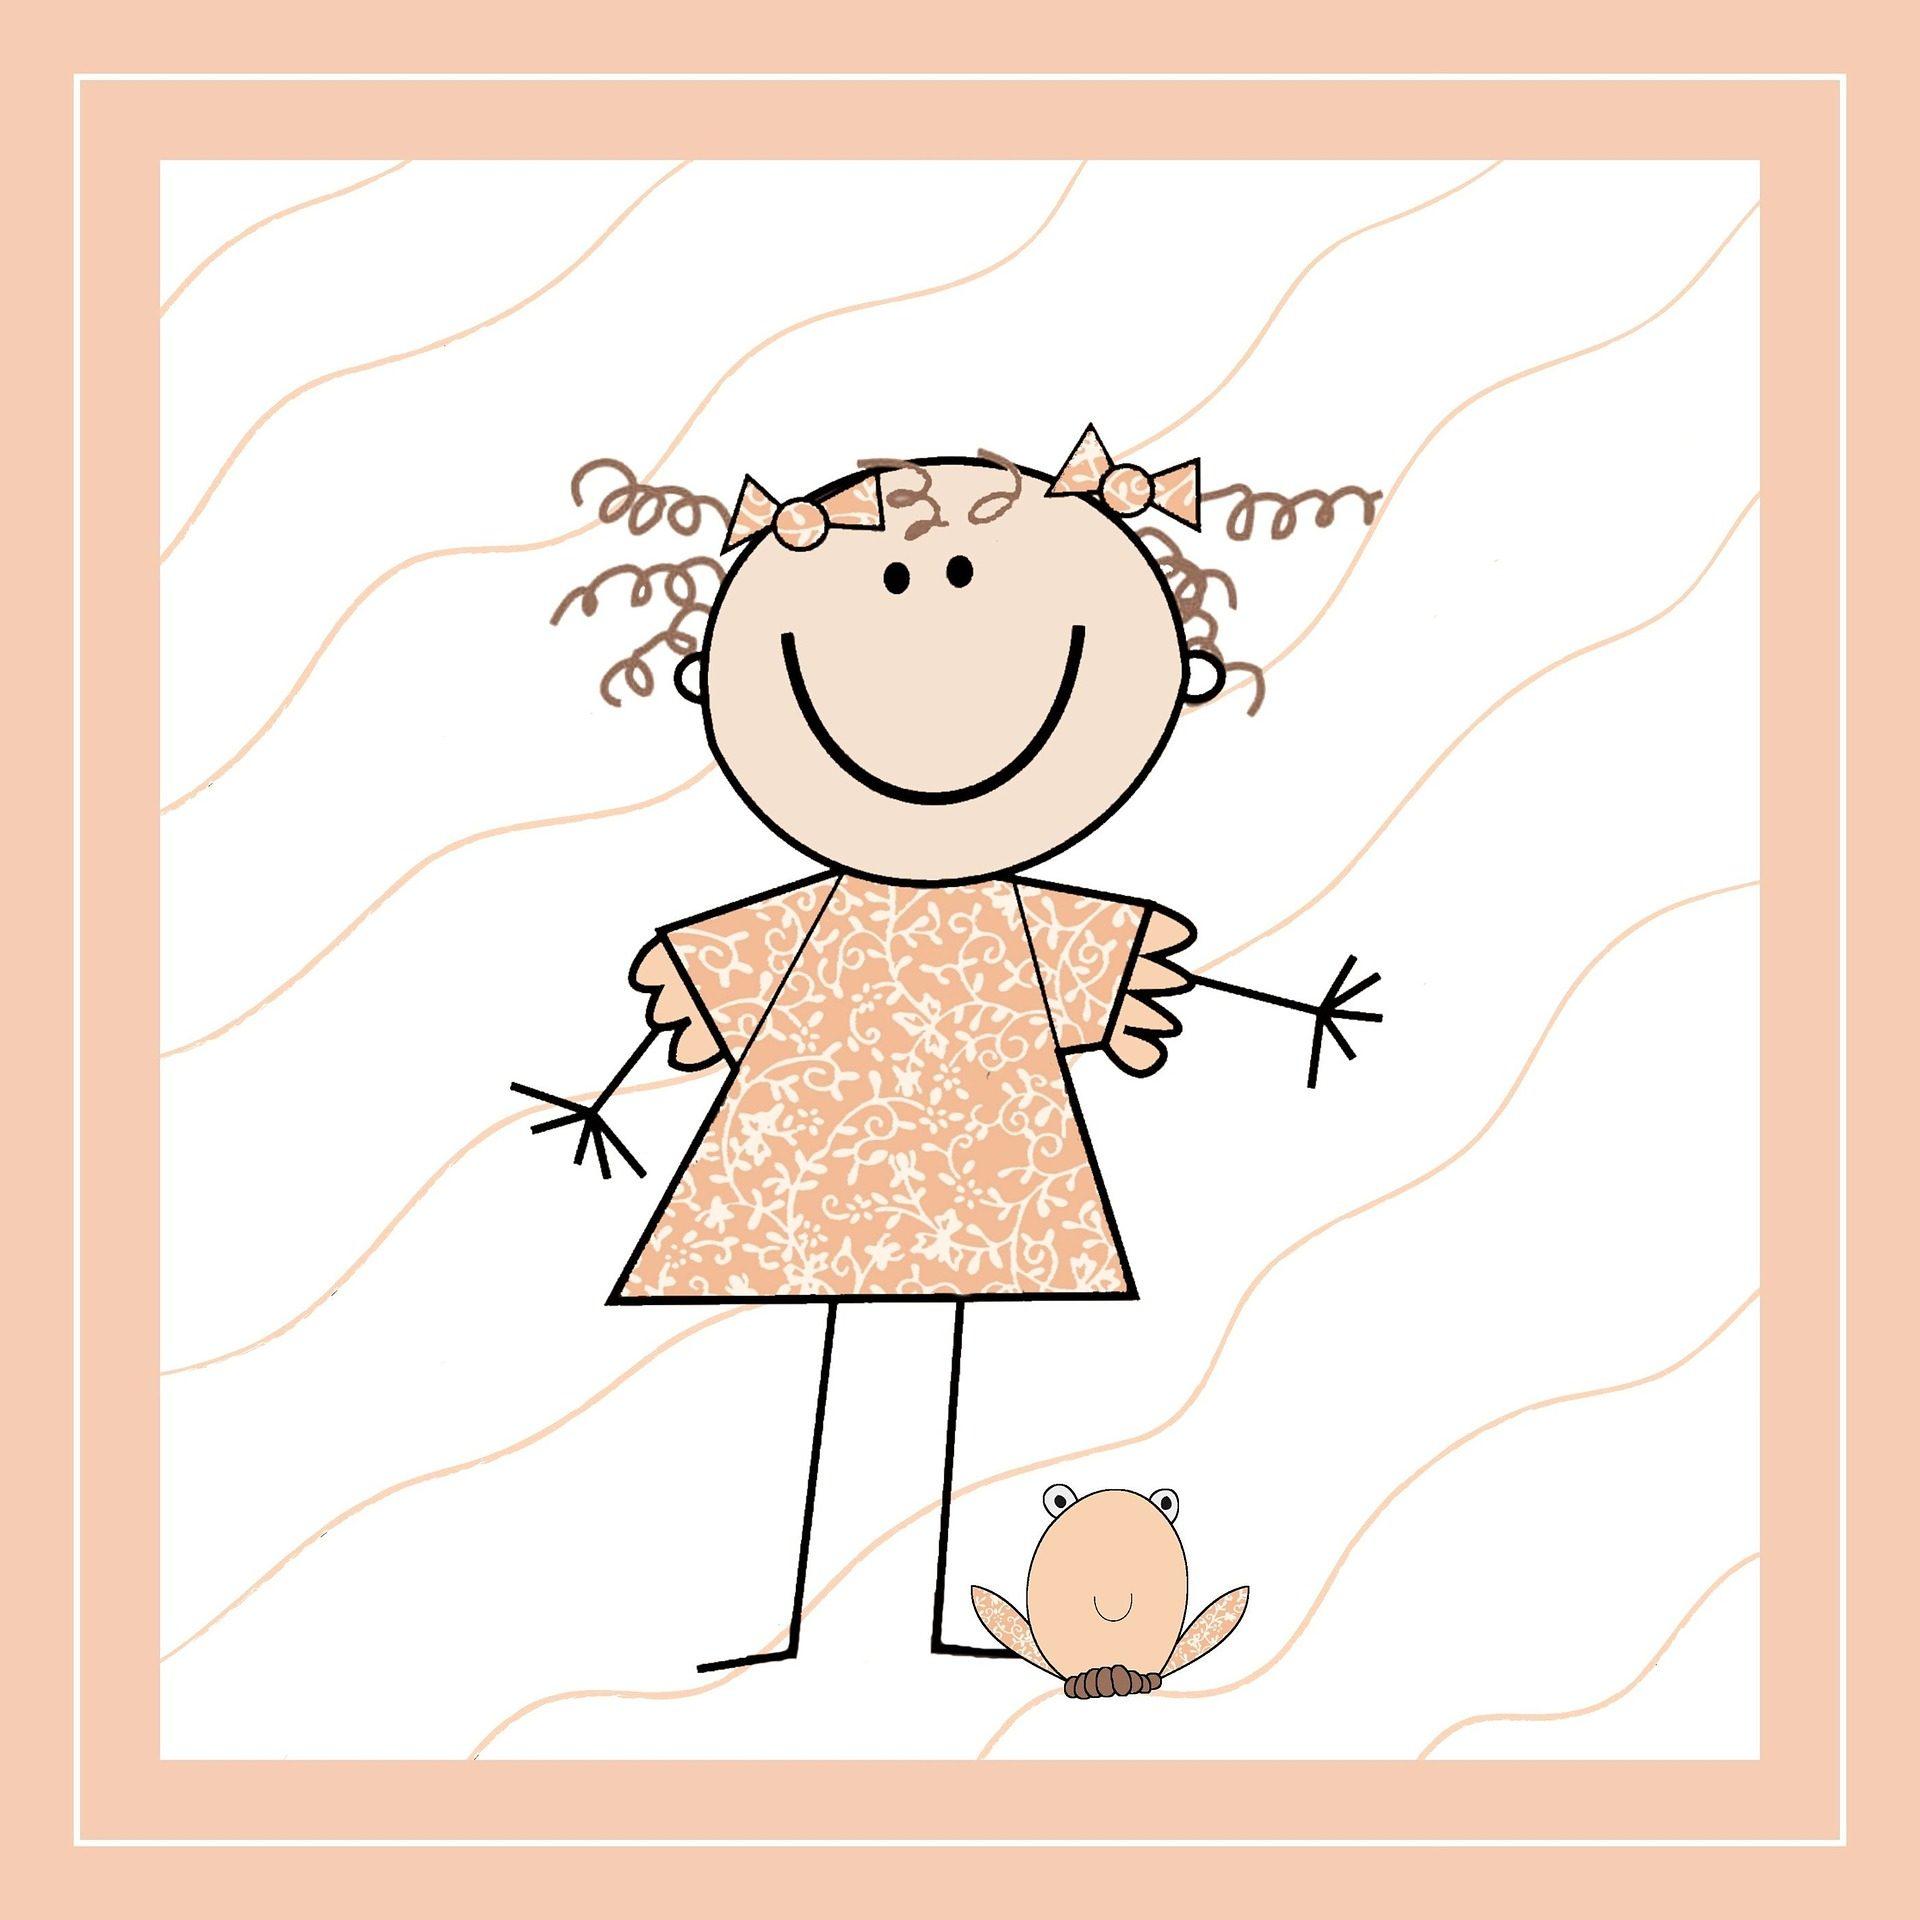 دمية, الرسم, الإعلانية, عند الولادة, فتاة, العلاقات - خلفيات عالية الدقة - أستاذ falken.com